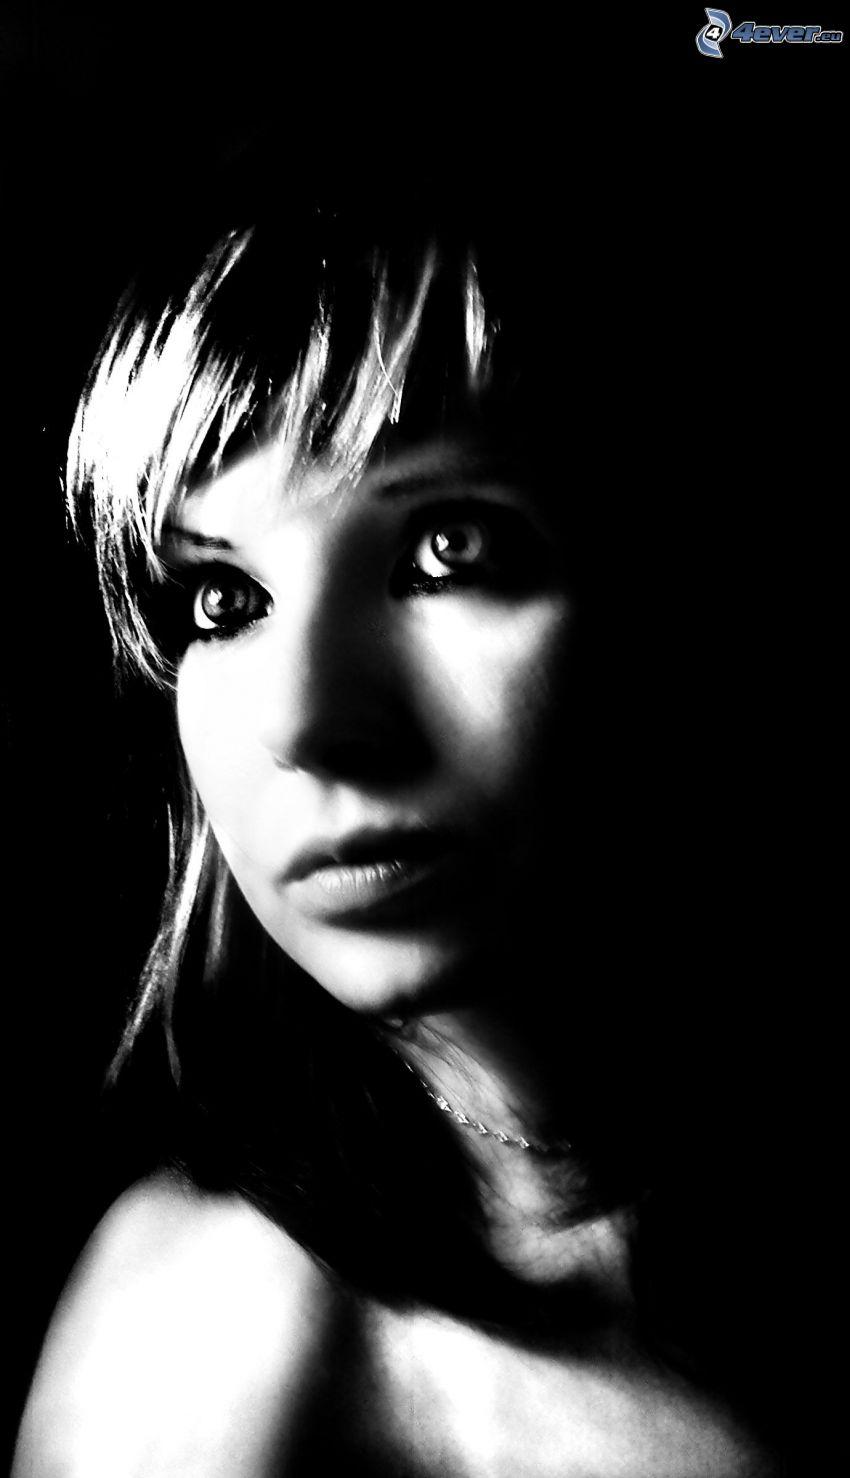 chica en la oscuridad, cara, oscuridad, collar